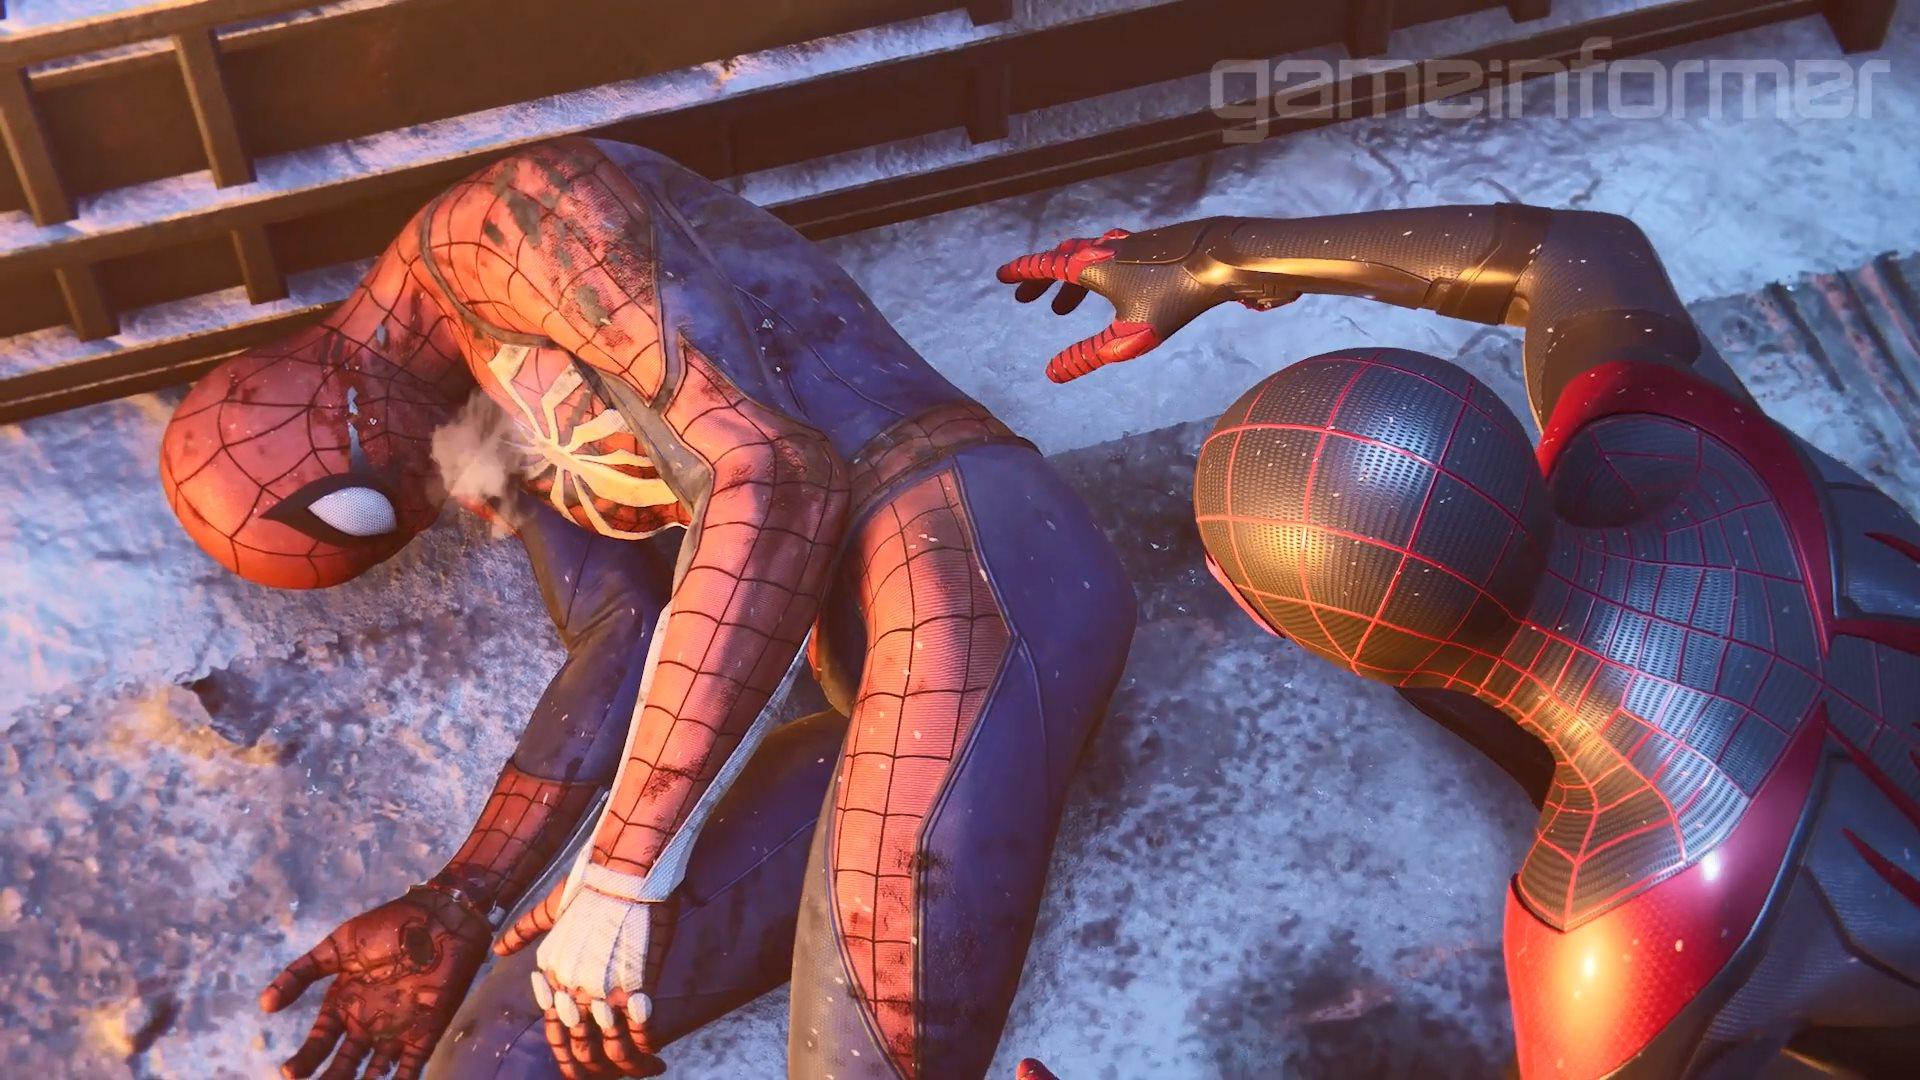 《漫威蜘蛛侠:迈尔斯》新演示:见证一位英雄的诞生